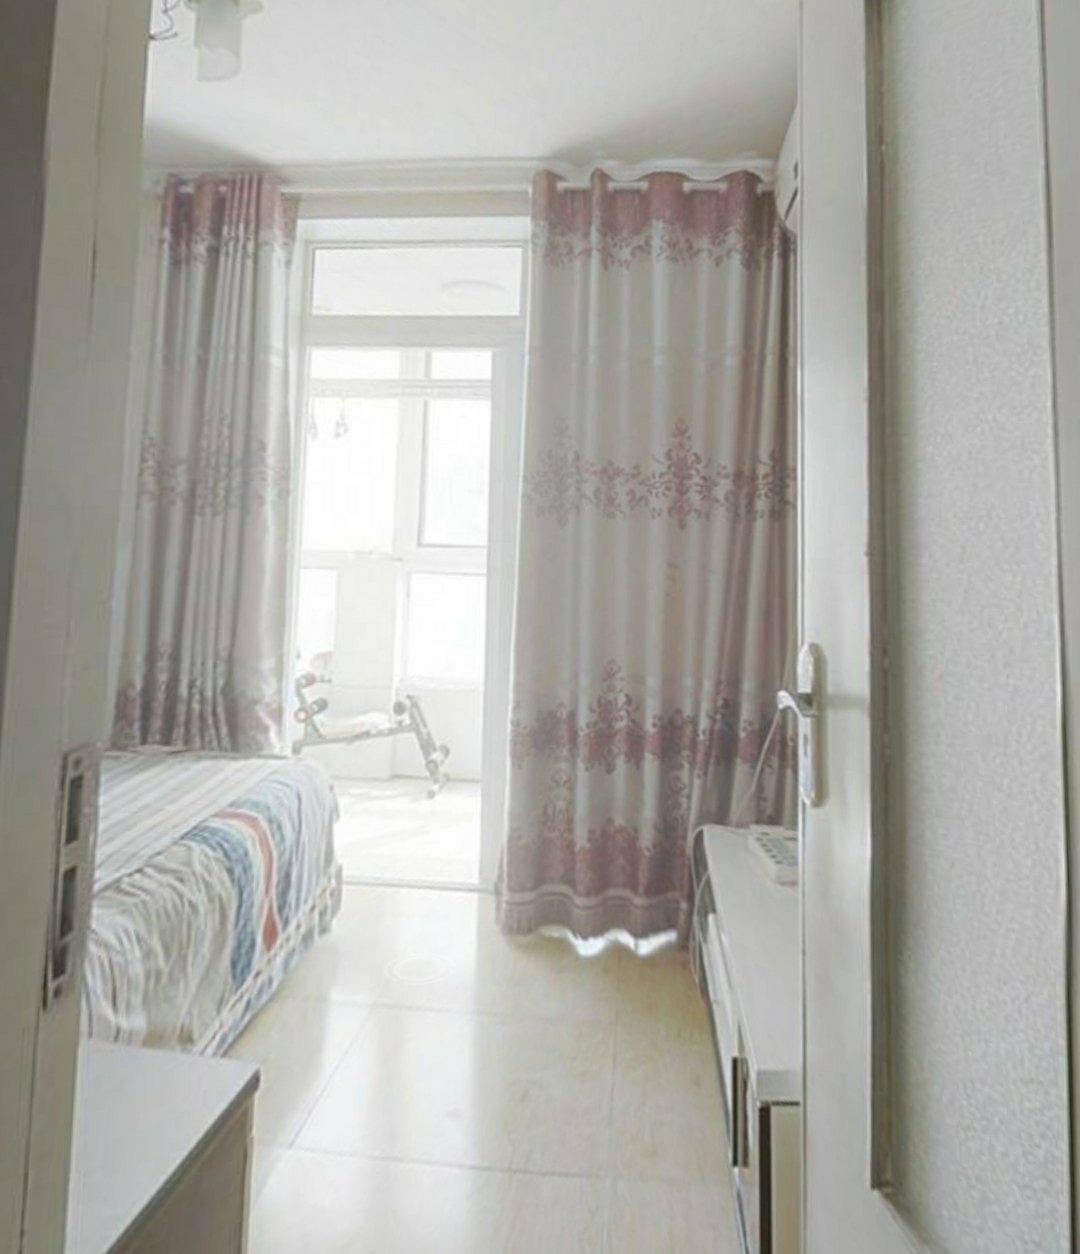 天桥区北园大街精装2室1厅1卫二手房出售